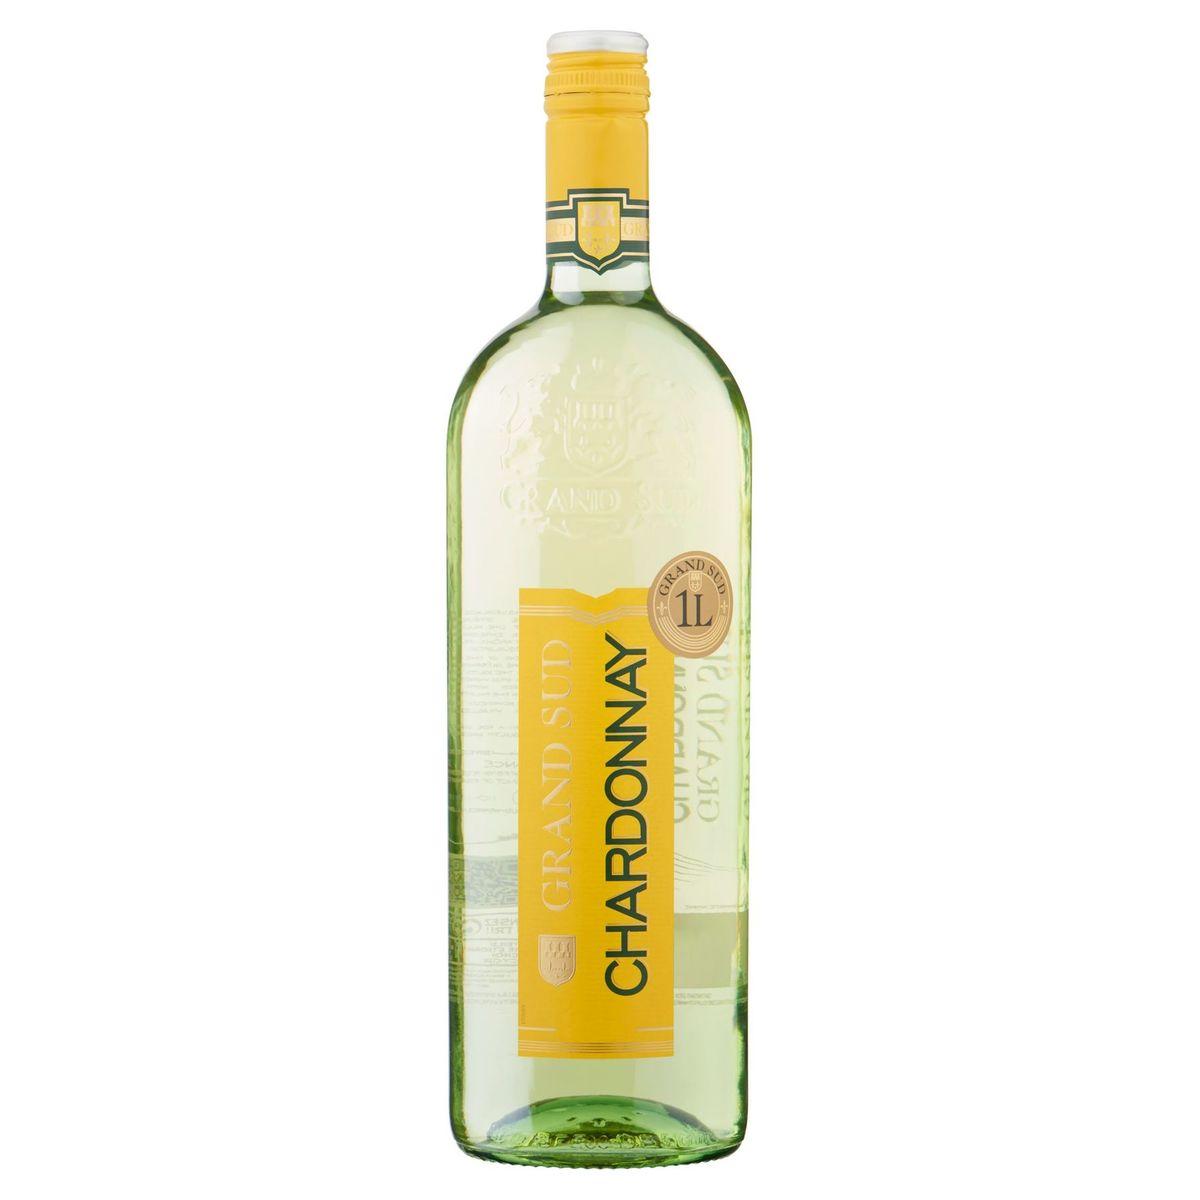 Grand Sud Chardonnay 1 L